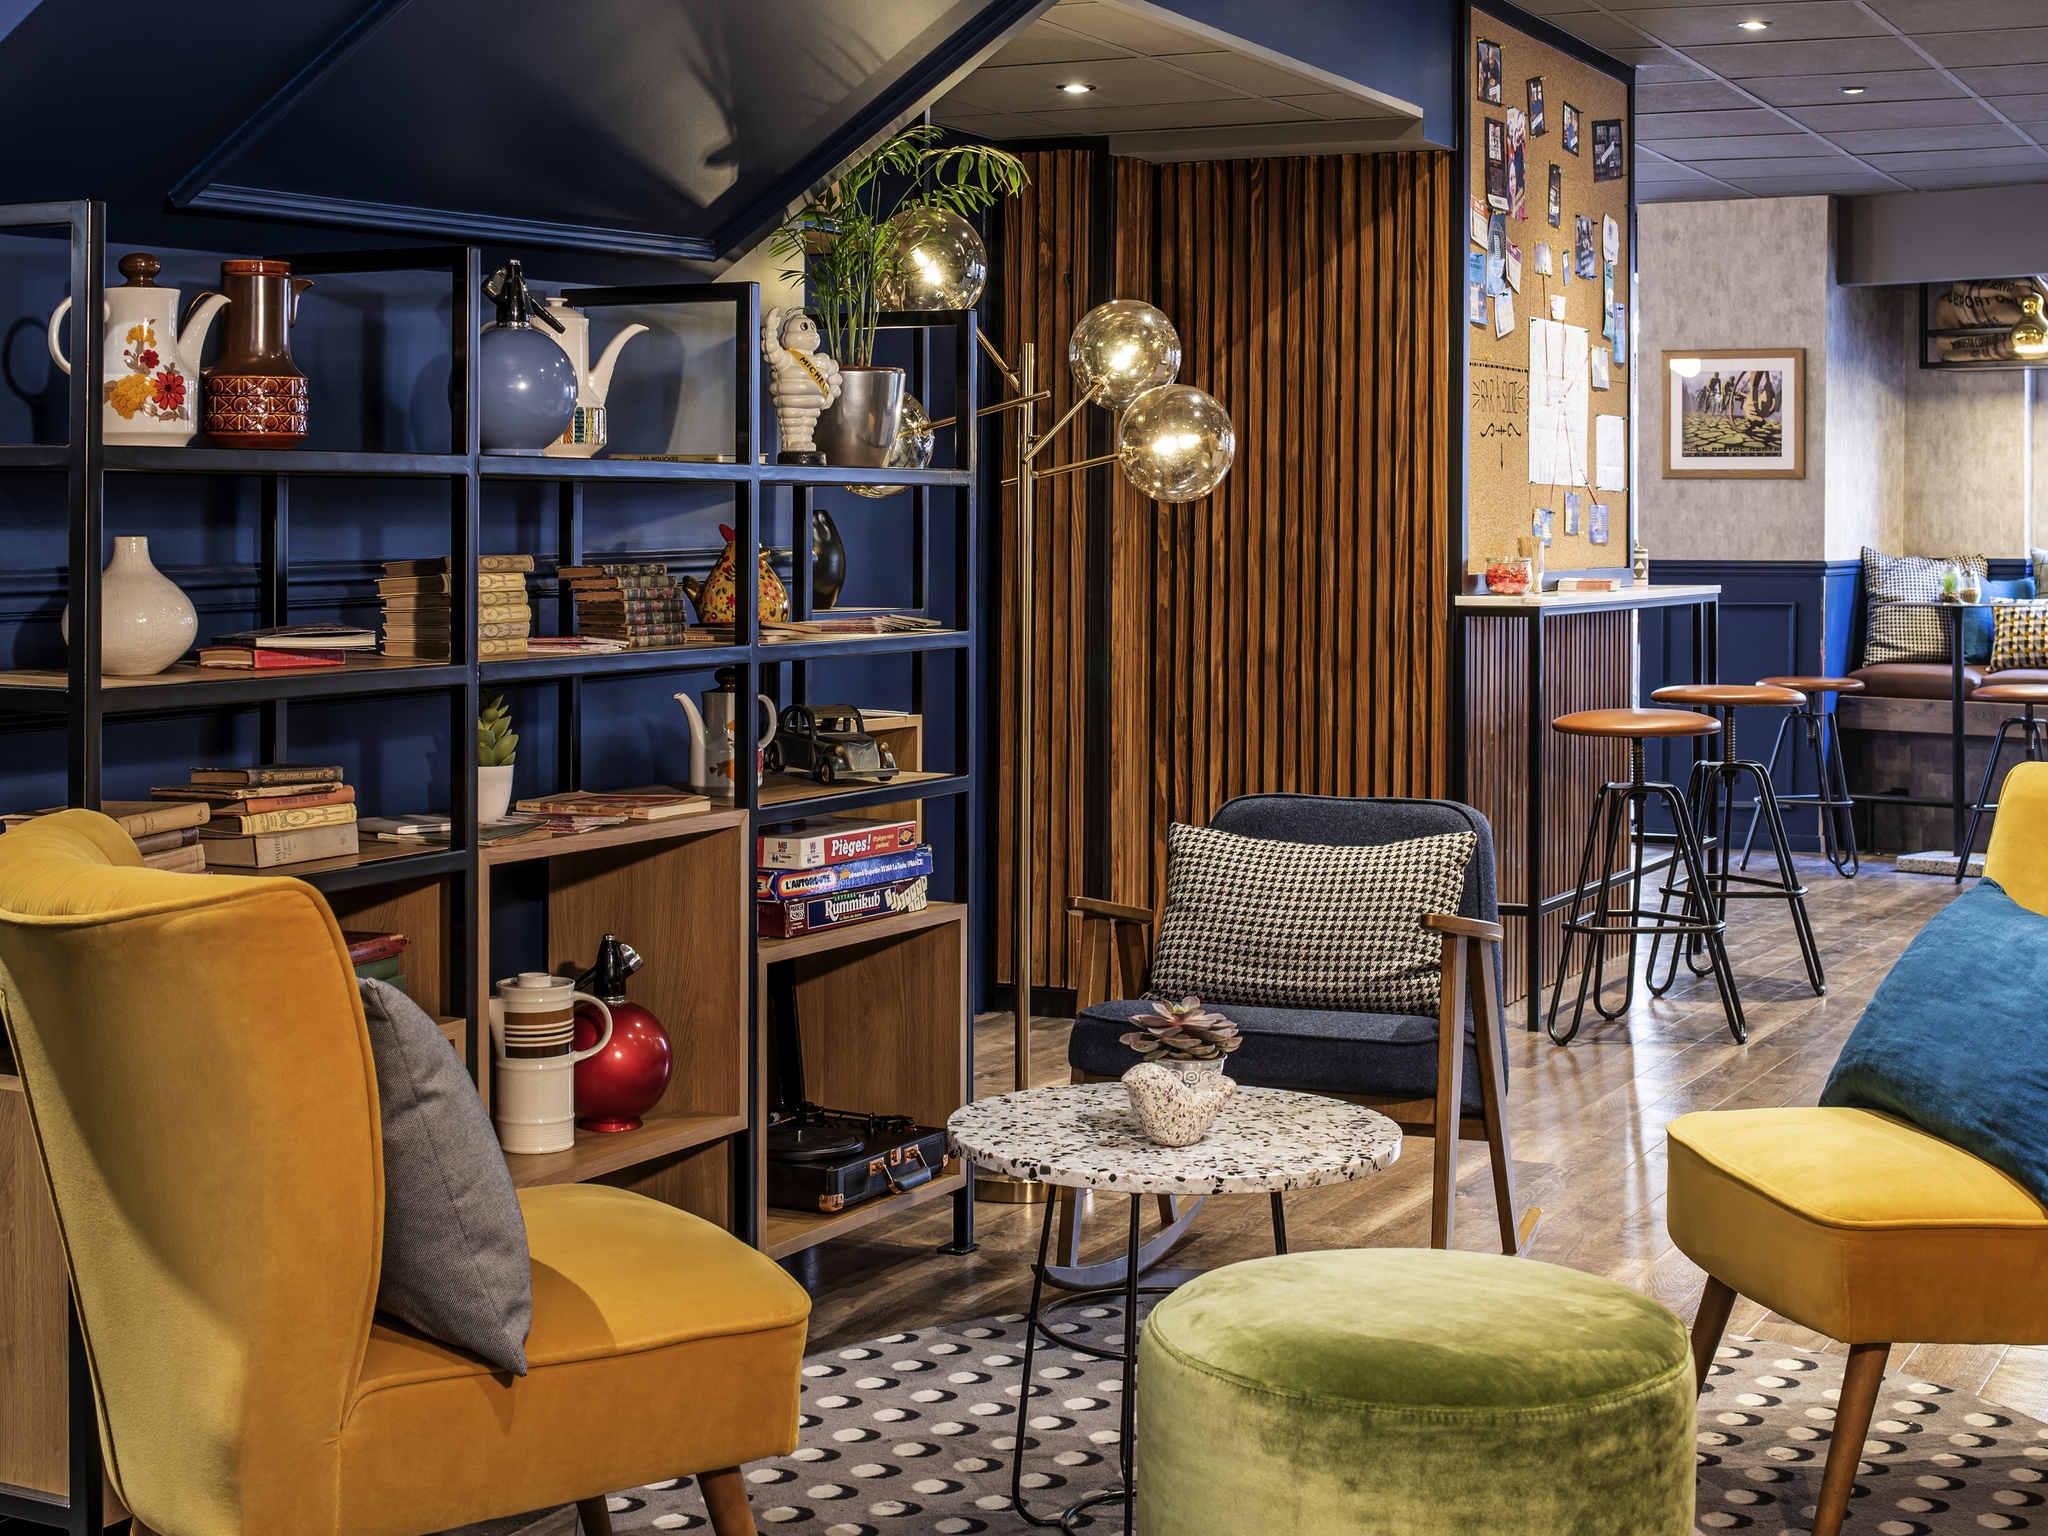 โรงแรม – ไอบิส กรอง บูเลอวาร์ด โอเปร่า 9 เอเม่